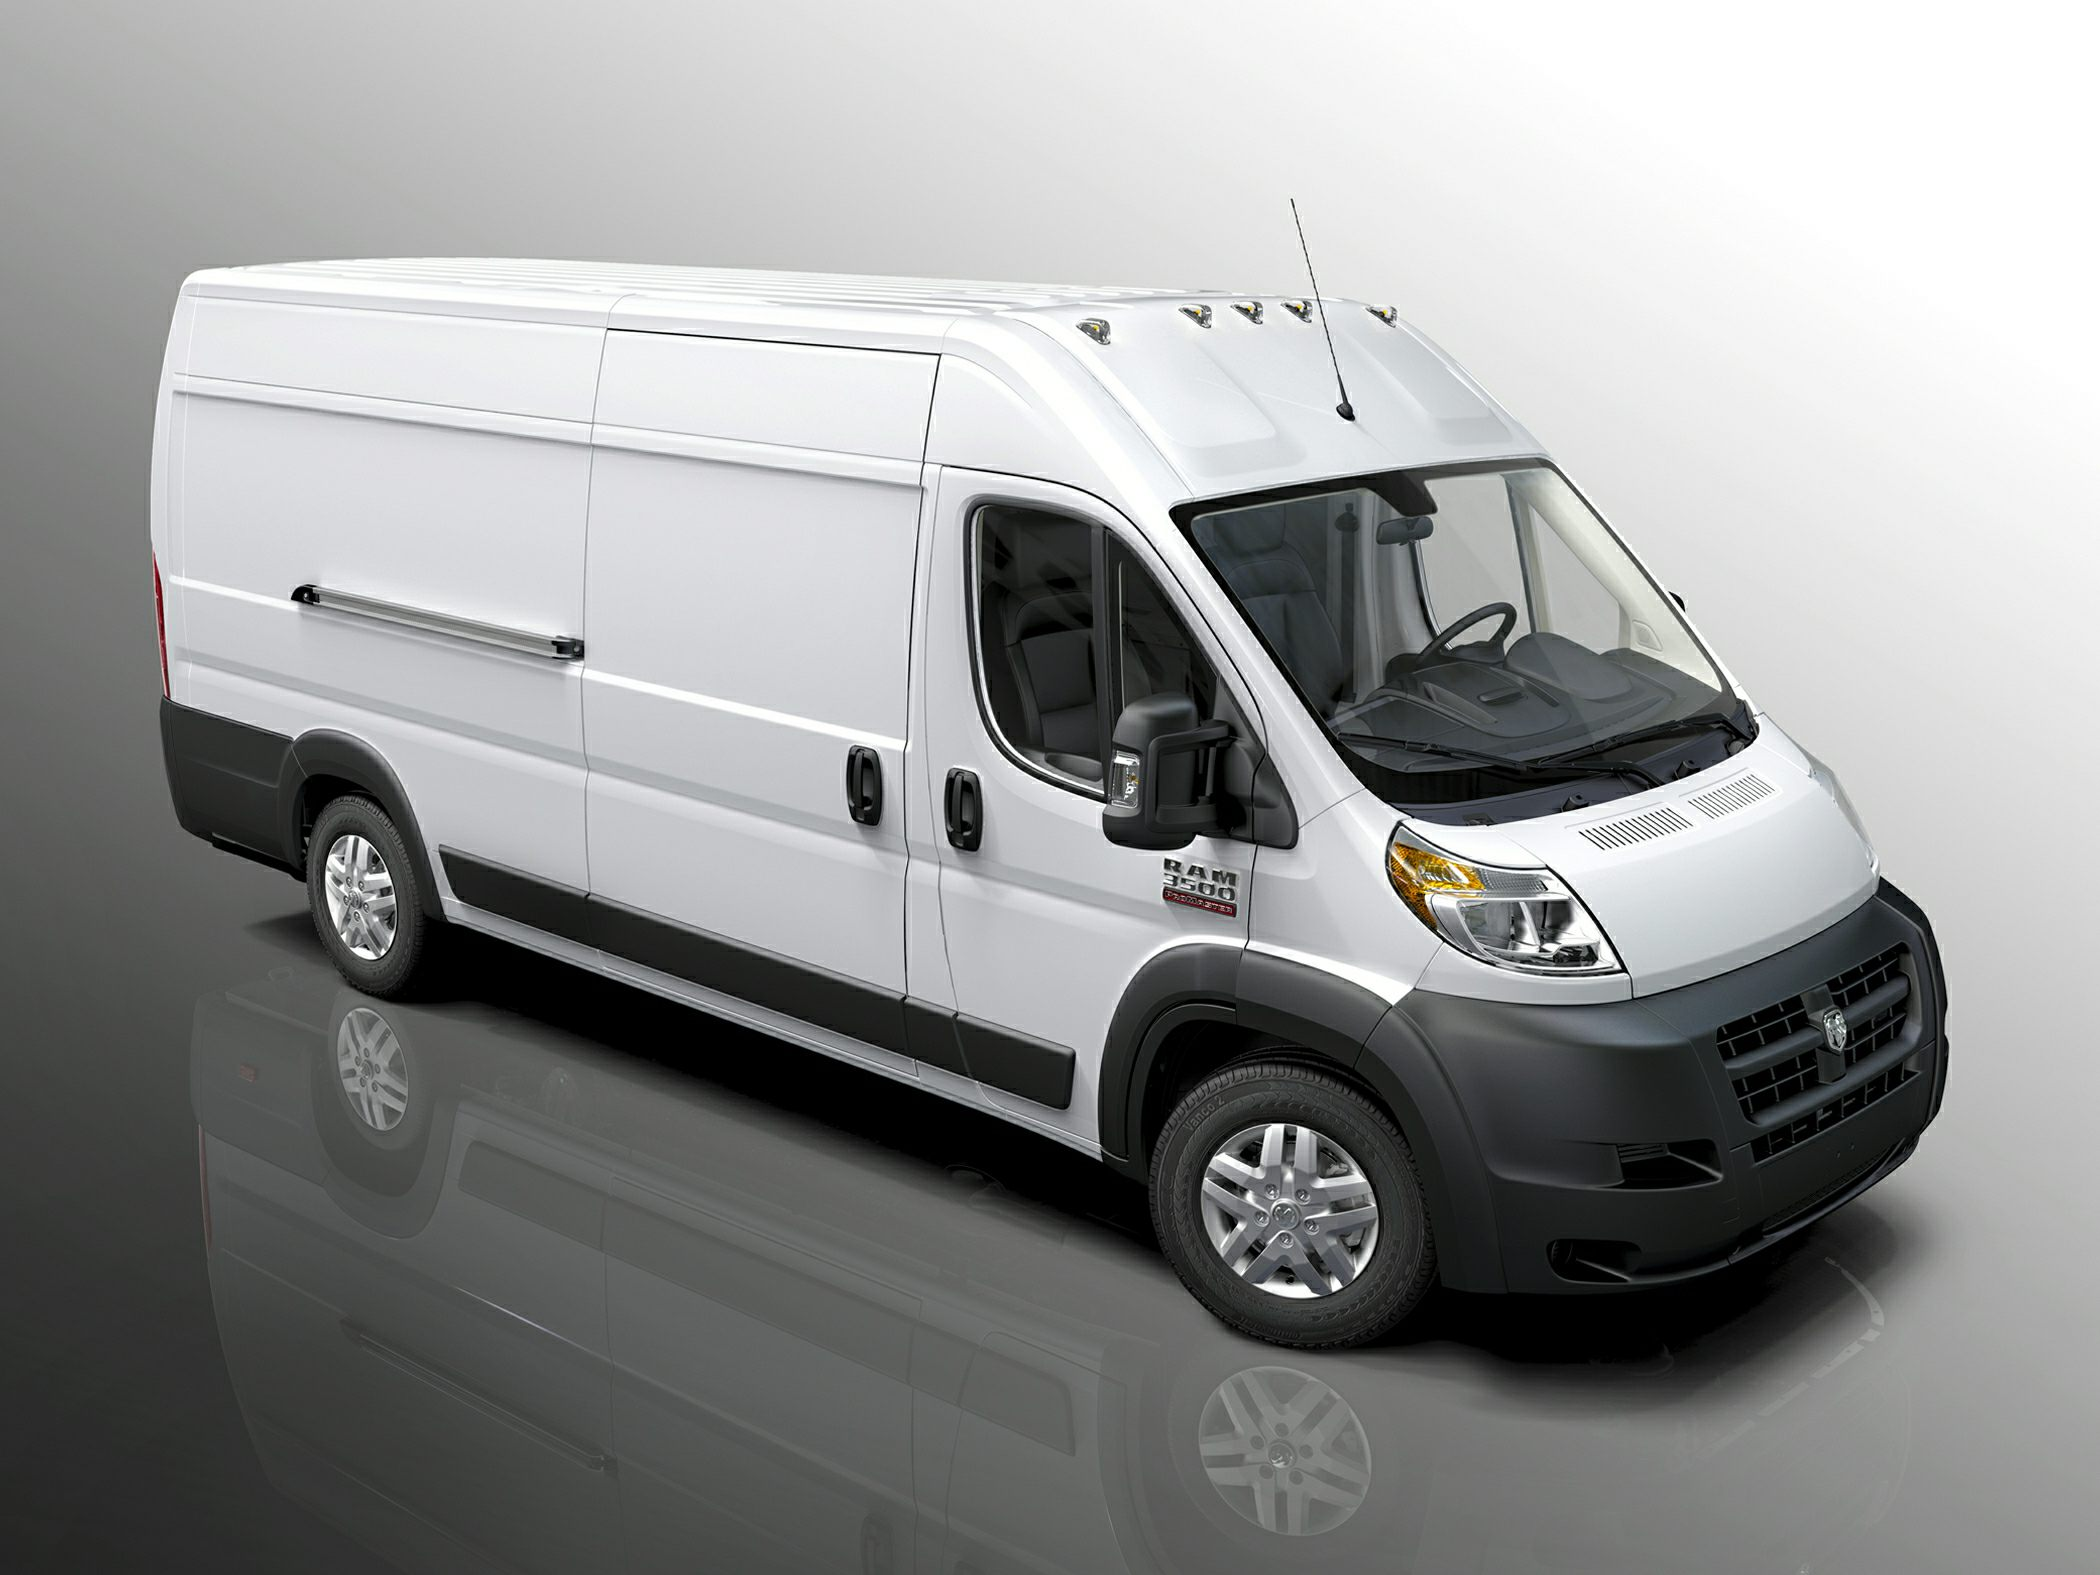 2014-RAM-ProMaster-2500-Window-Van-Minivan-Van-High-Roof-Cargo-Van-159-in.-WB-Photo-2.jpg